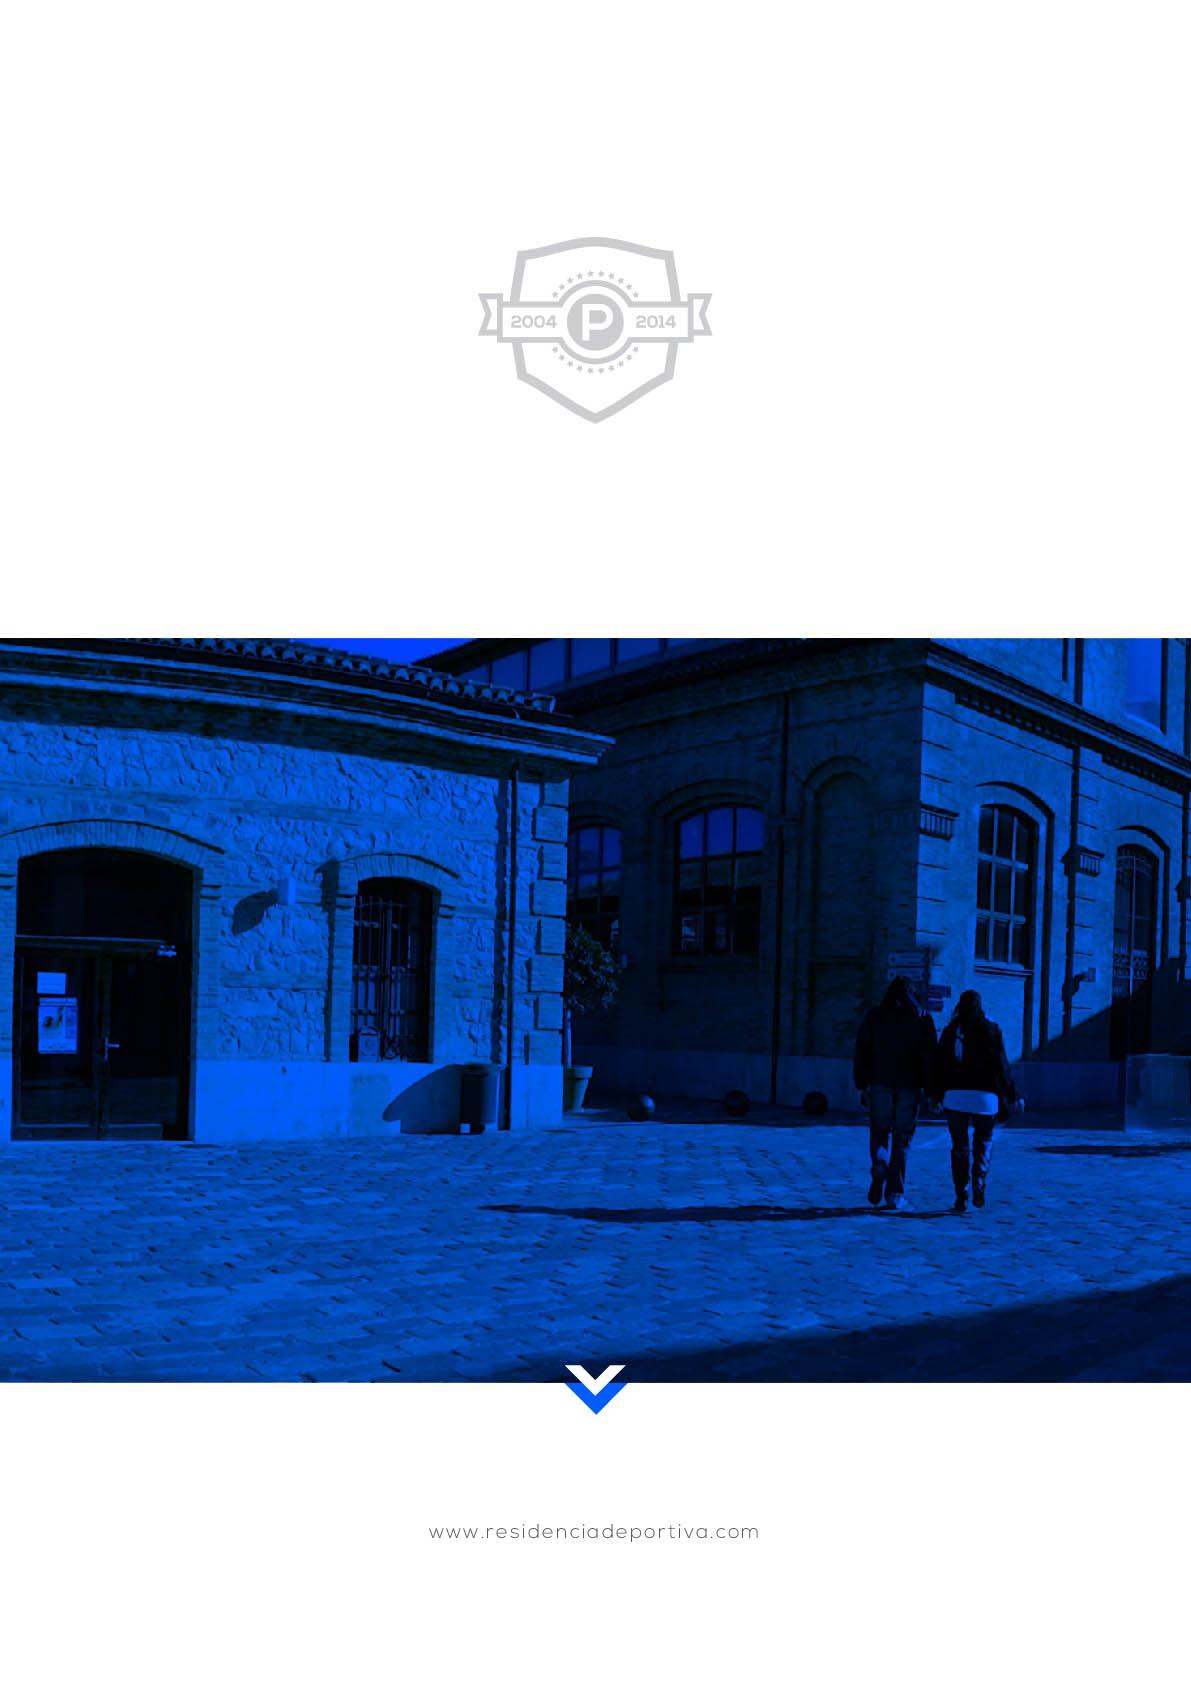 Petxina_dossier-012